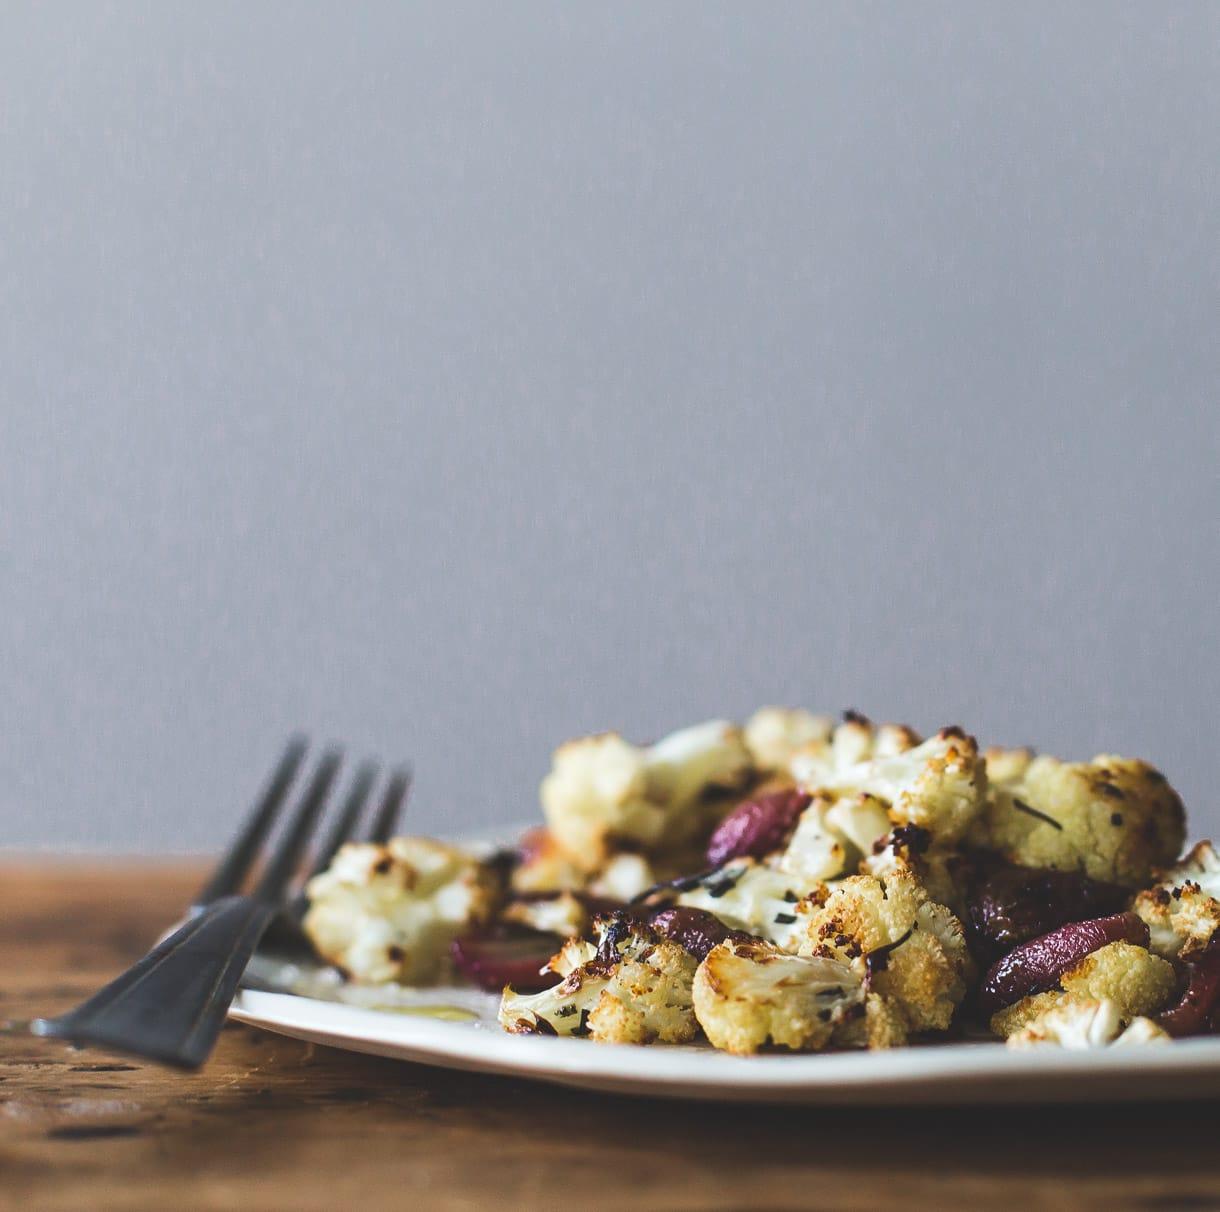 Rosemary Roasted Grapes and Cauliflower {paleo and vegan cauliflower recipe}